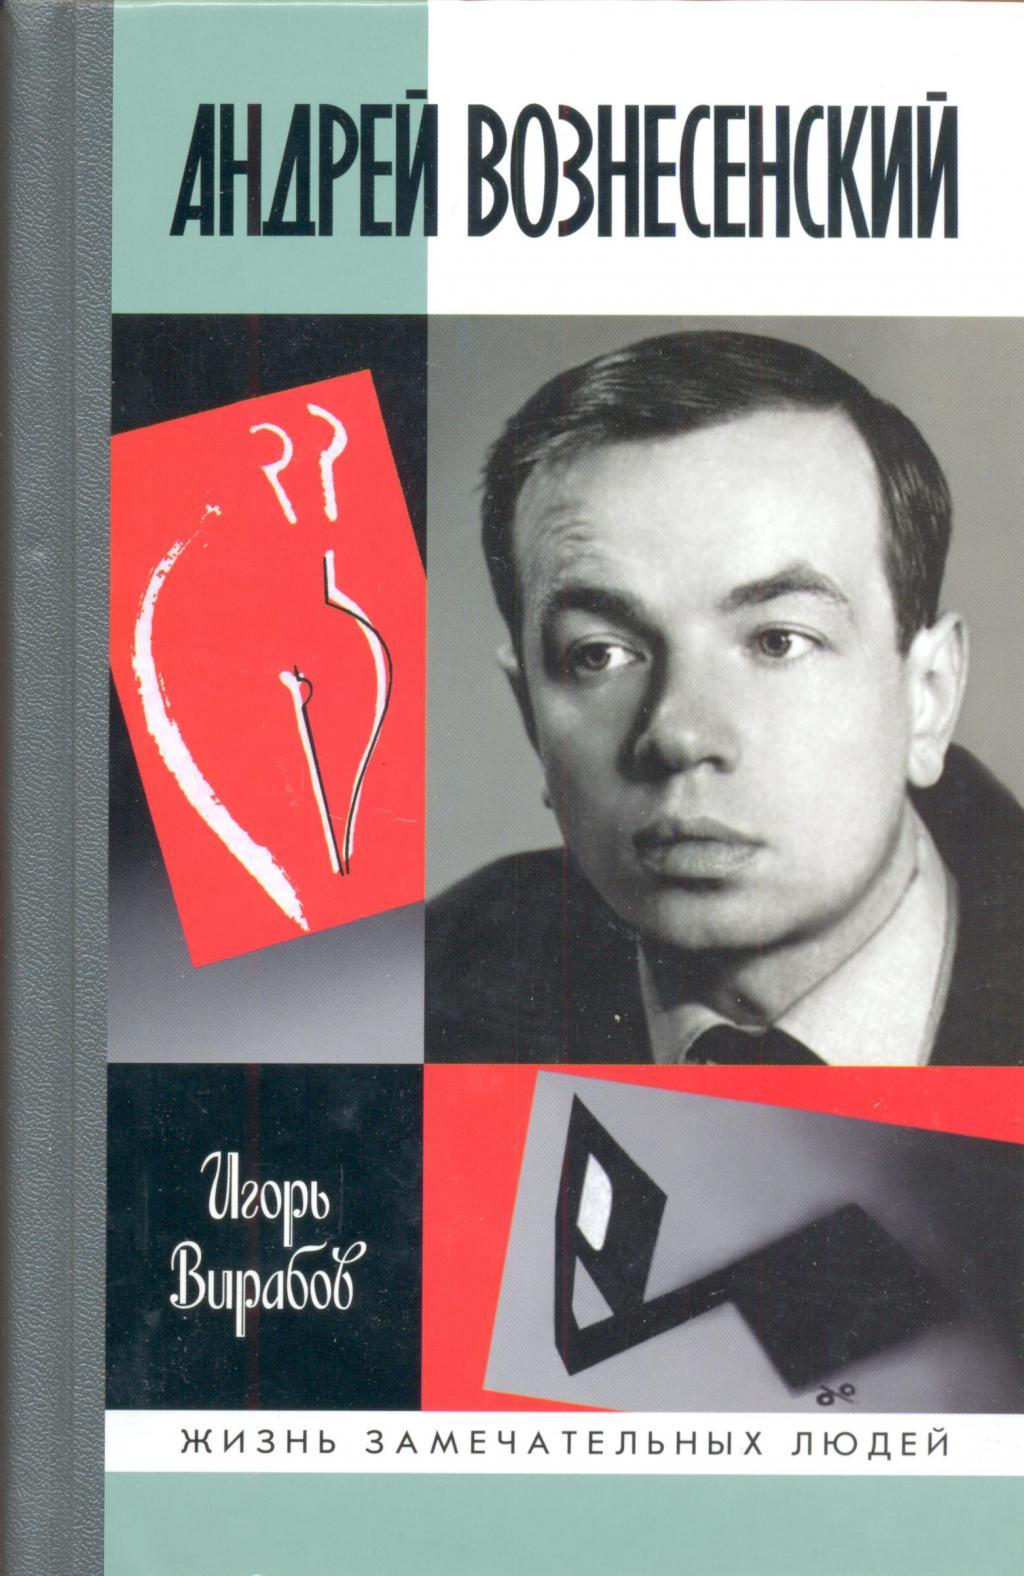 8 Virabov Voznesensky